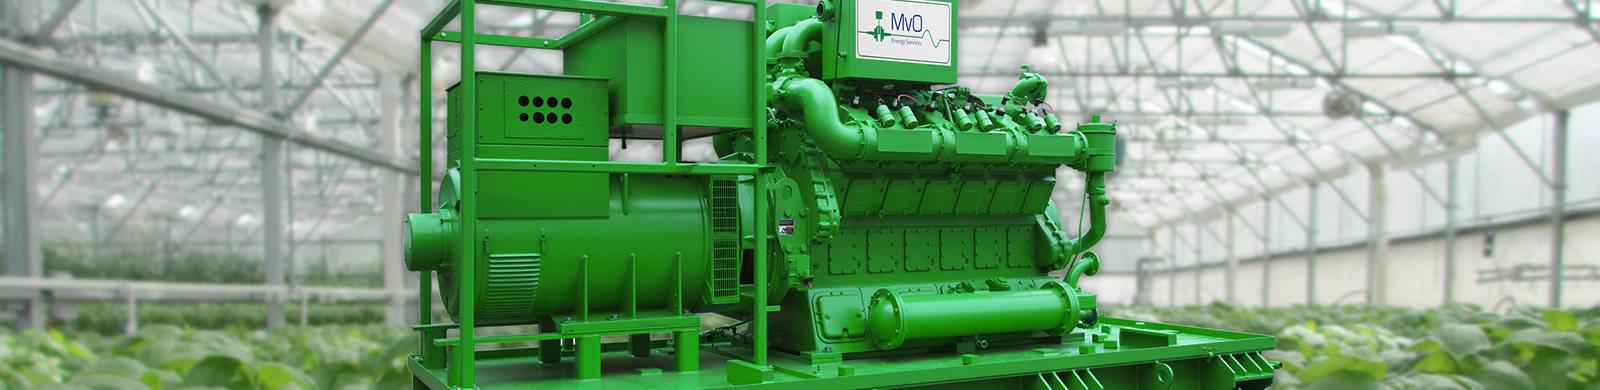 MvO Energy Services warmtekrachtinstallaties